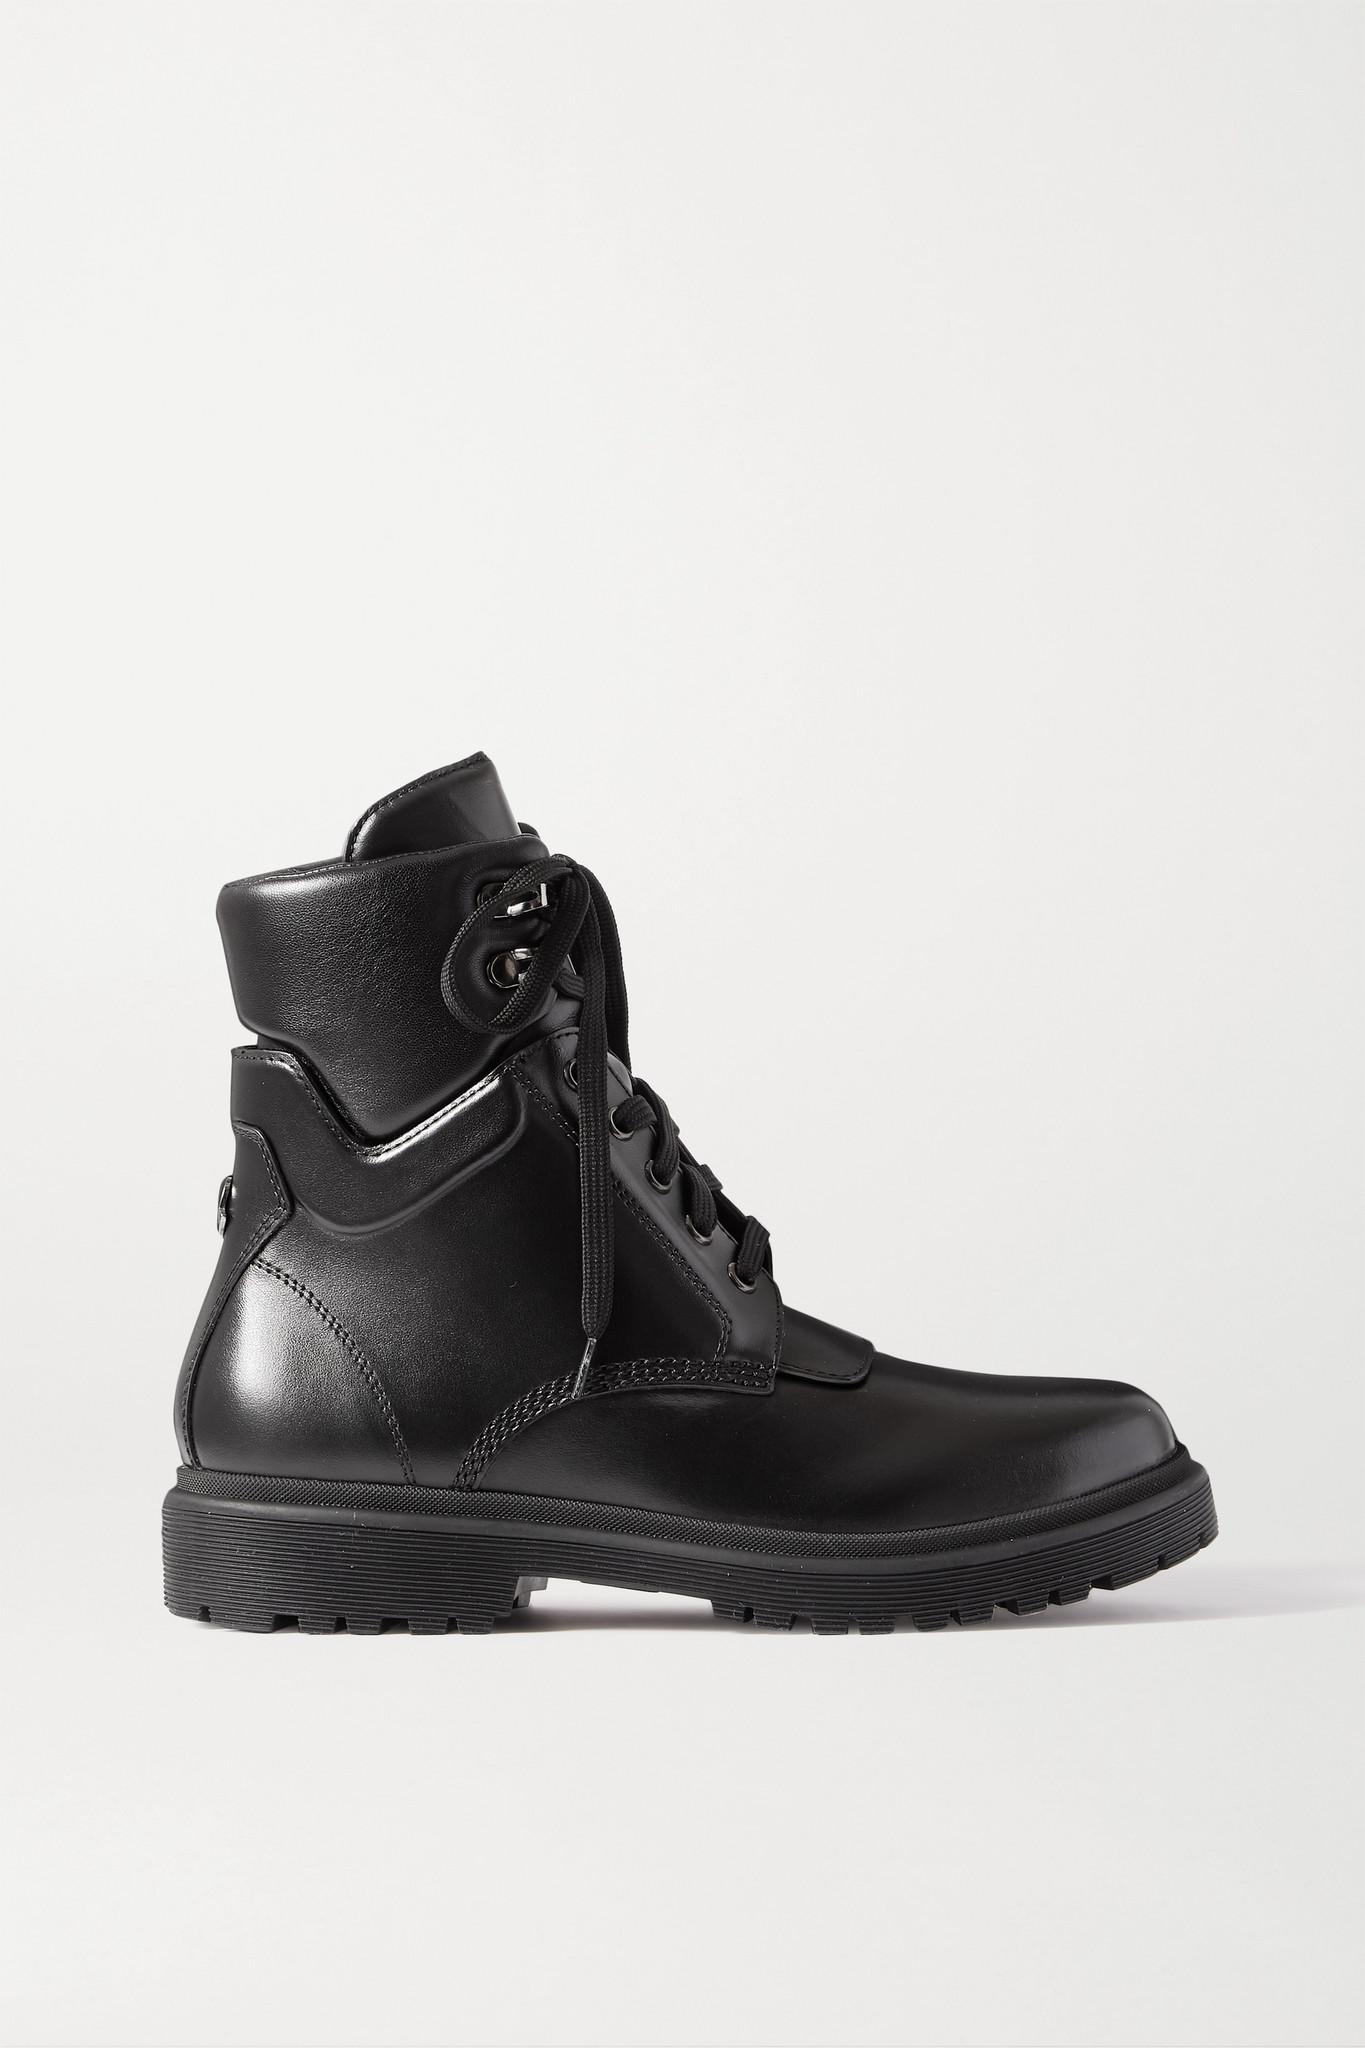 MONCLER - Patty 皮革踝靴 - 黑色 - IT38.5